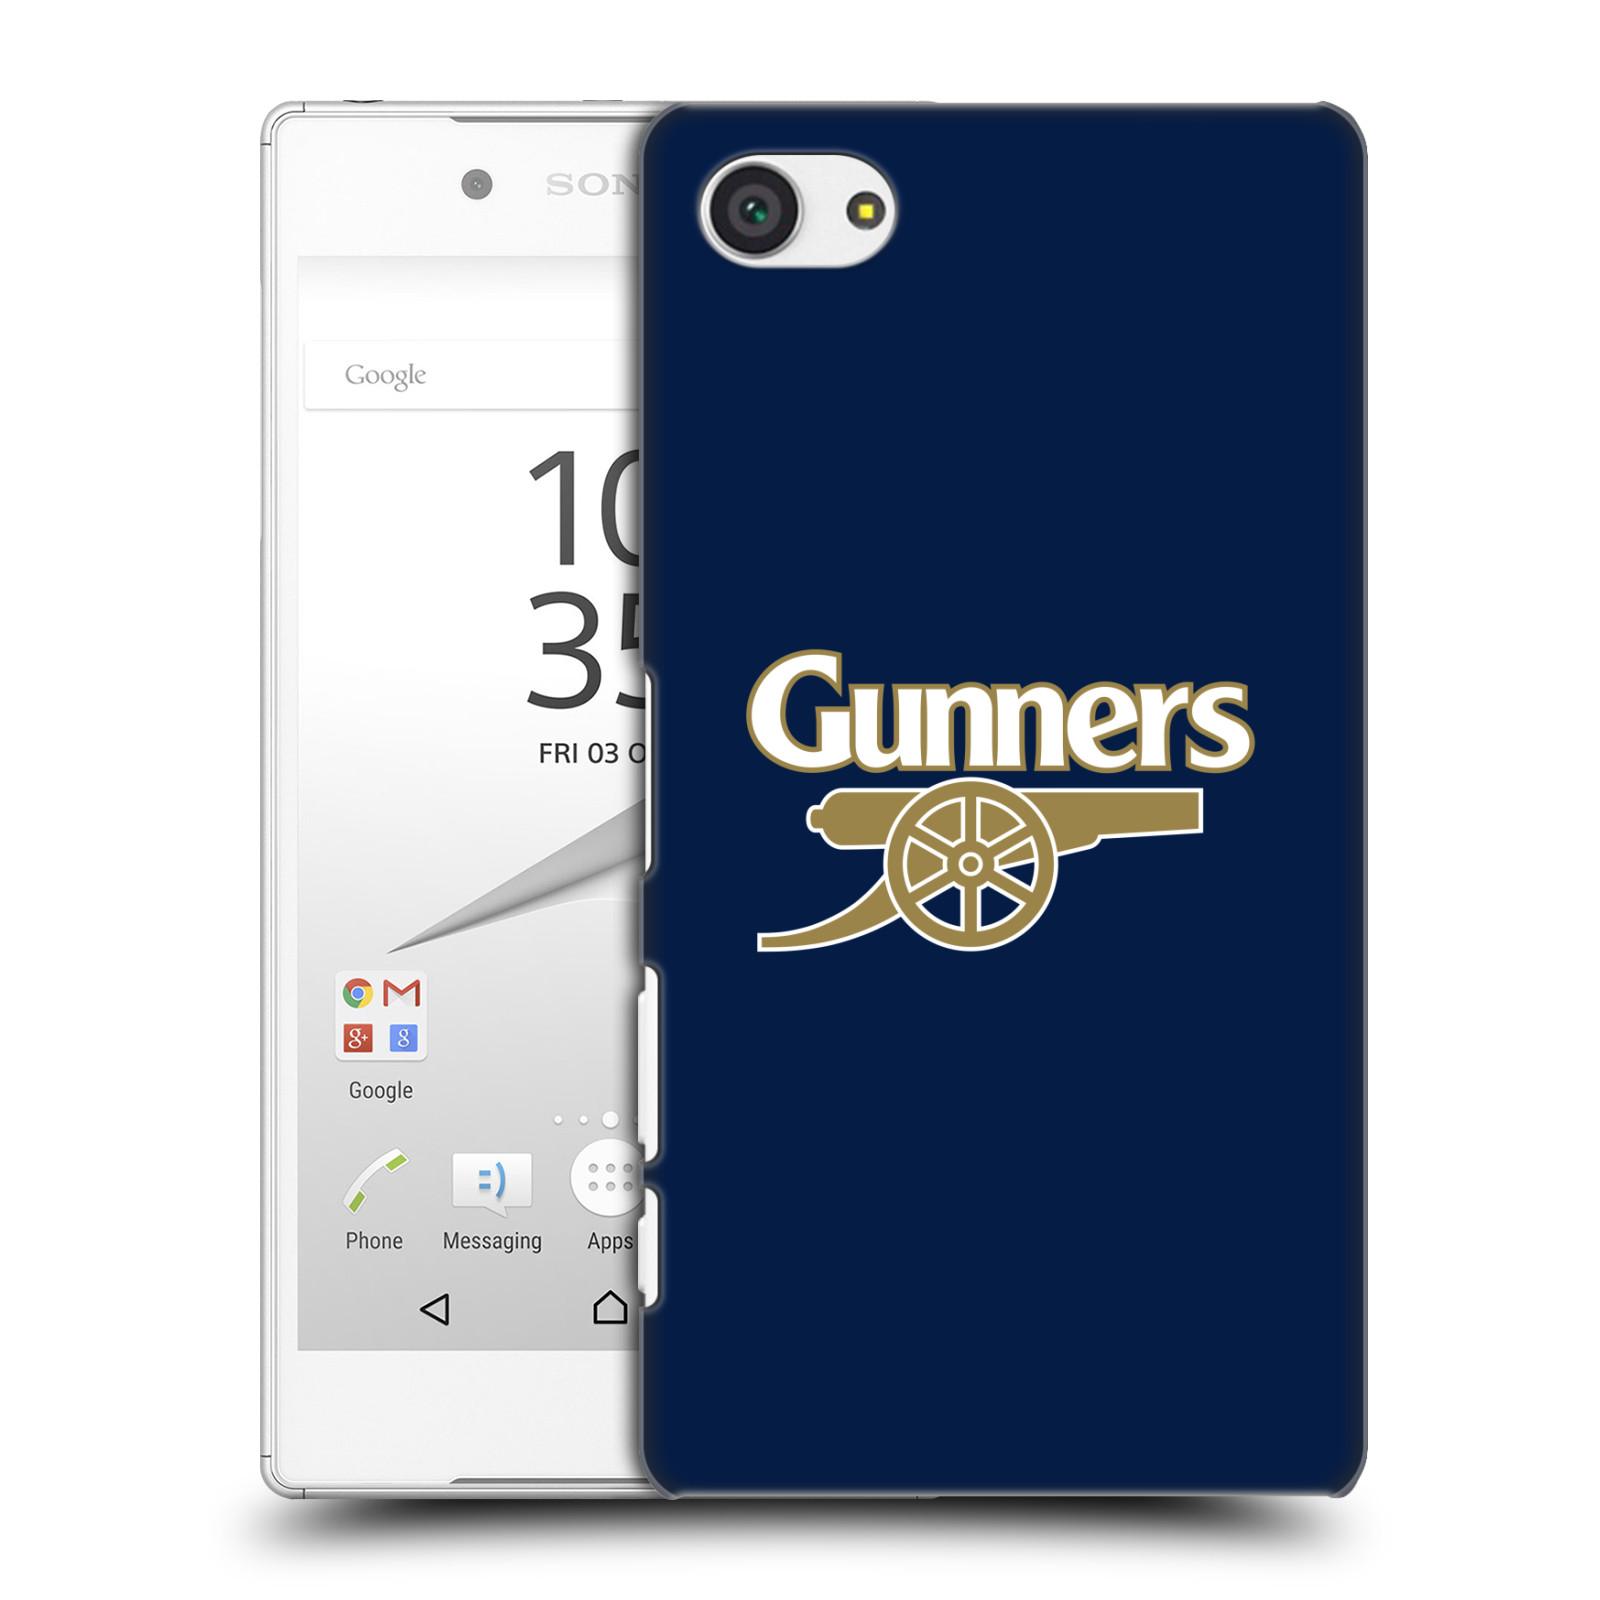 Plastové pouzdro na mobil Sony Xperia Z5 Compact - Head Case - Arsenal FC - Gunners